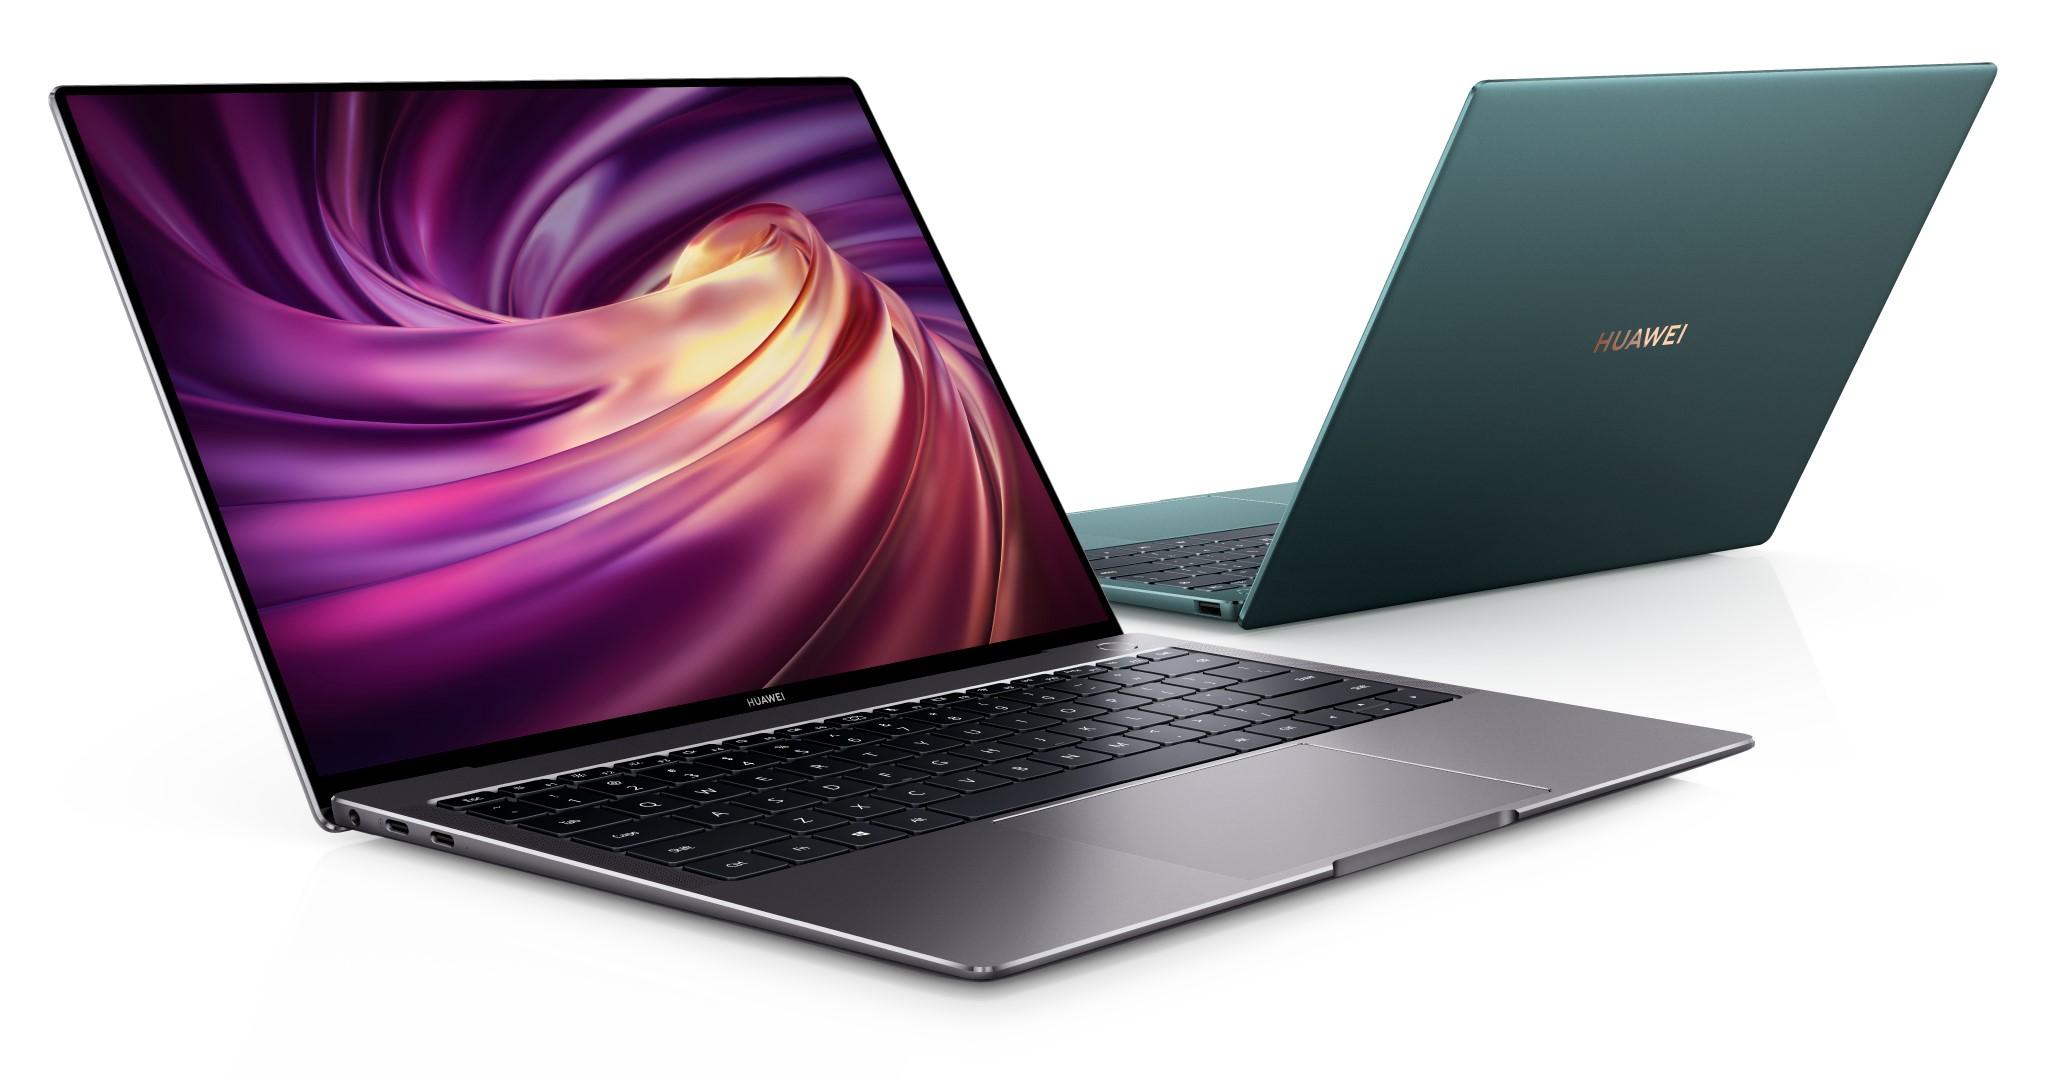 Huawei MateBook ve Mate İsimli Ultrabook'larını Duyurdu